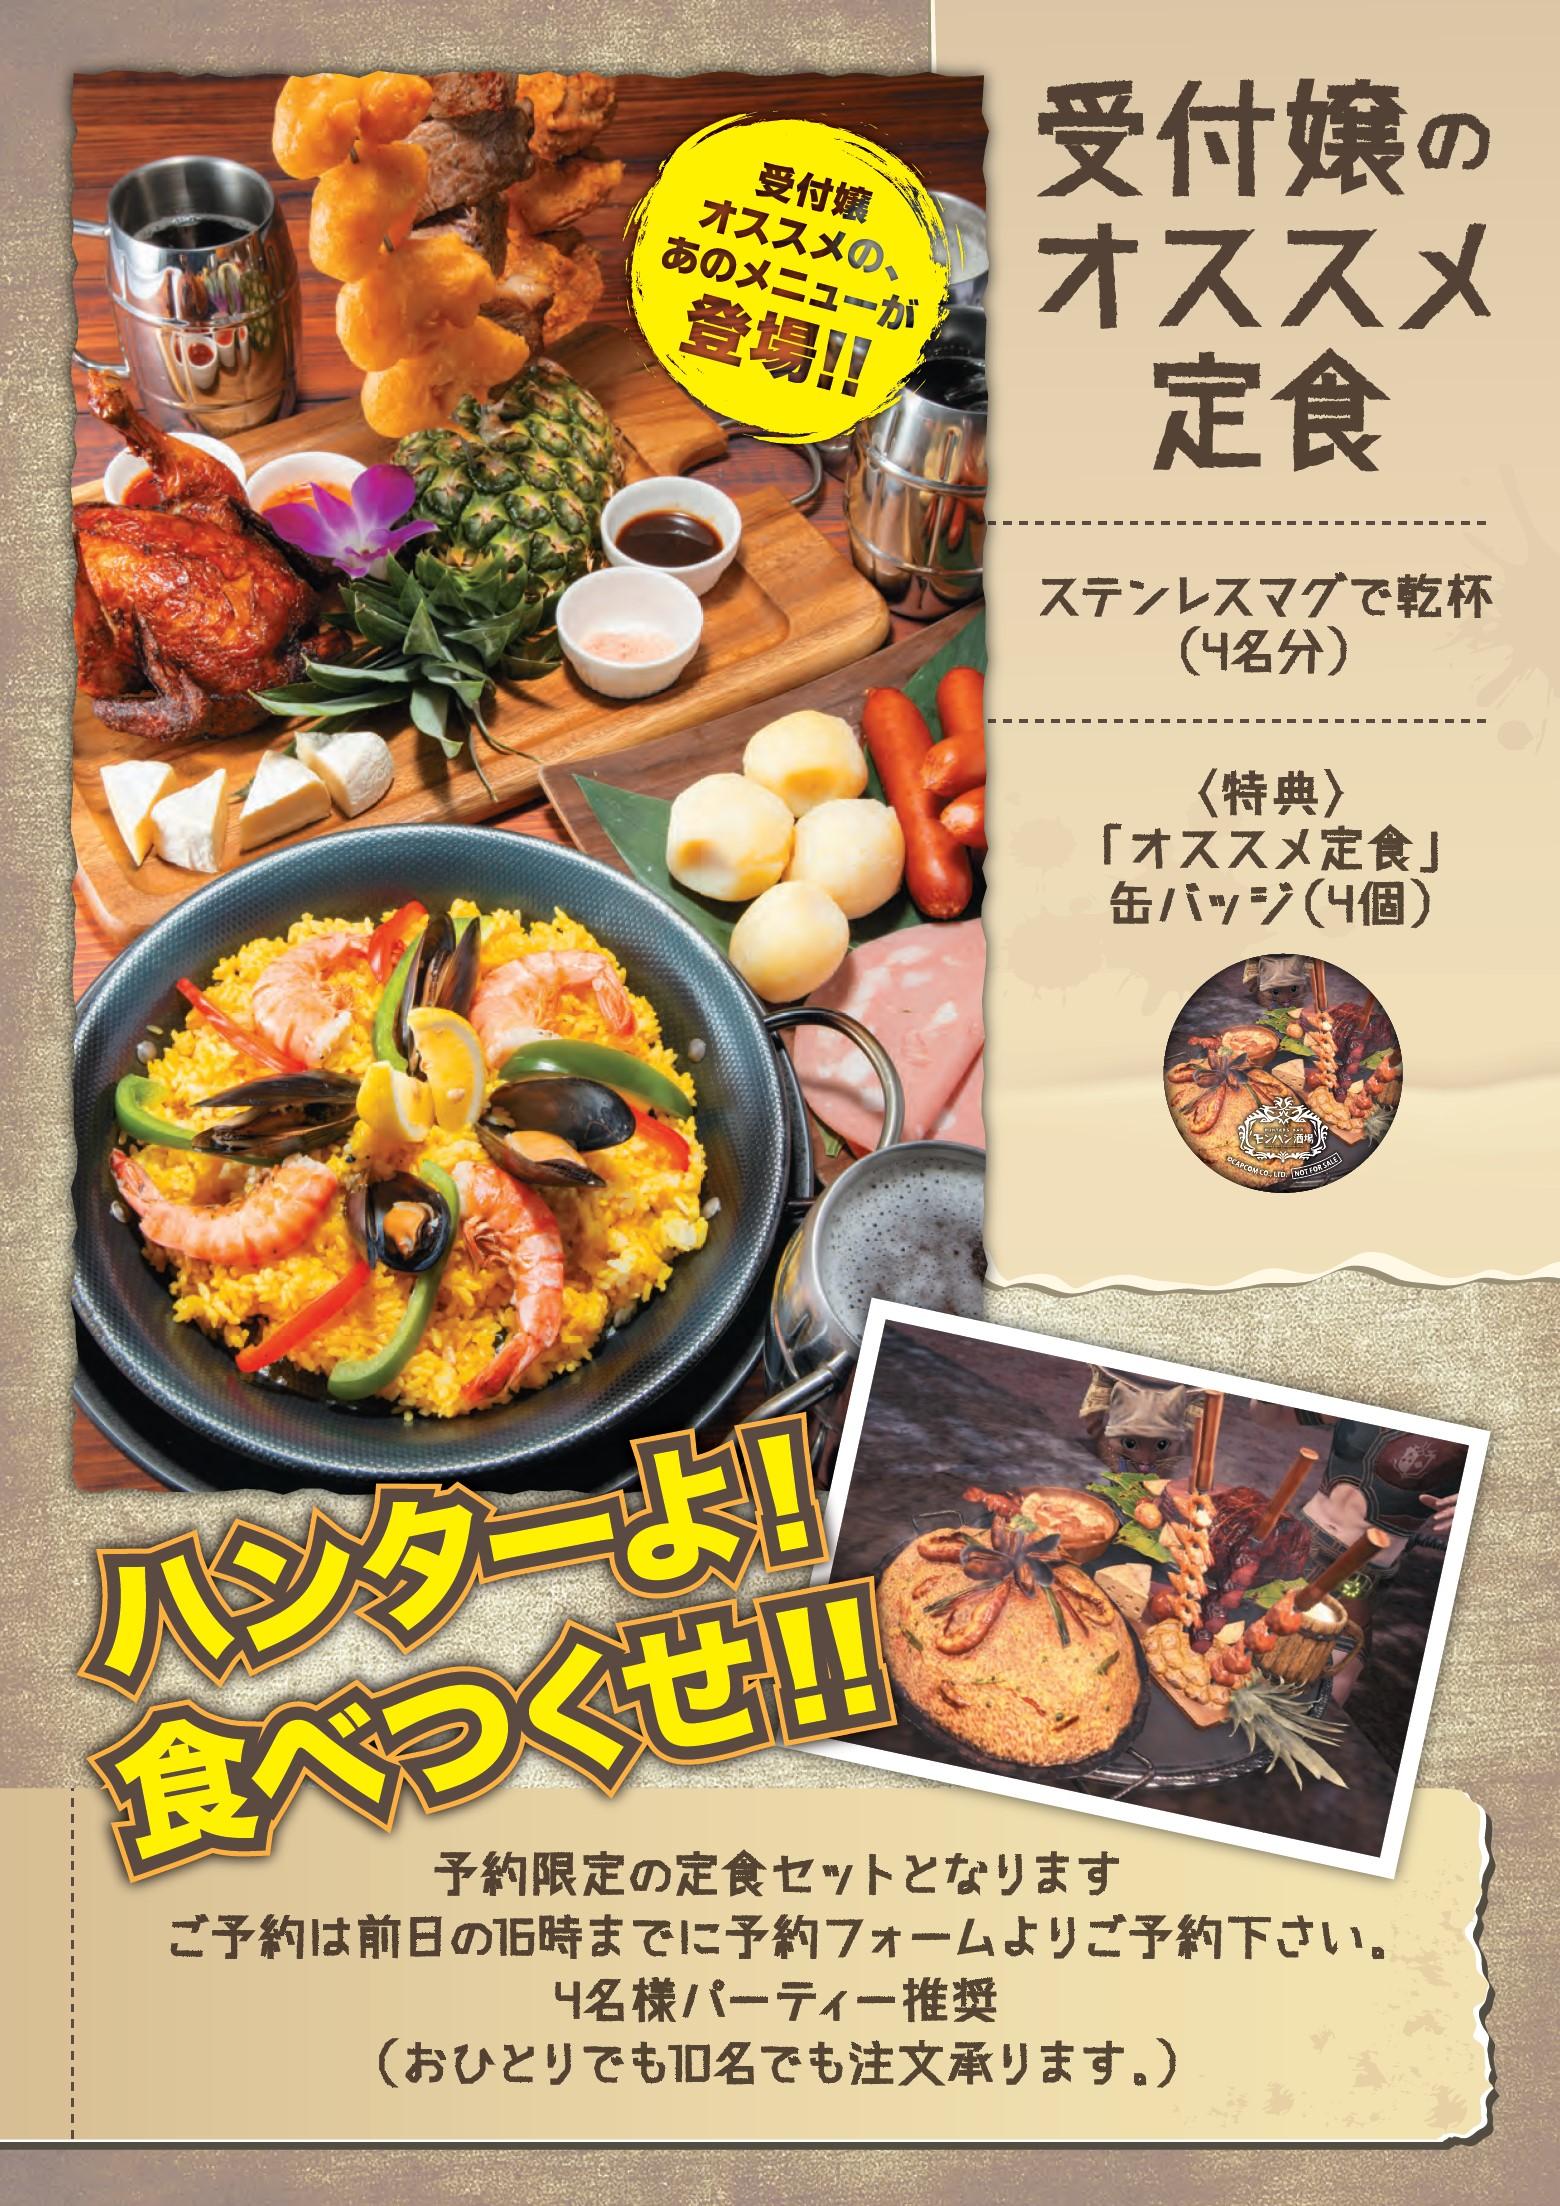 HUNTERS BAR『モンハン酒場』にて あの「受付嬢のオススメ定食」がついに登場!!